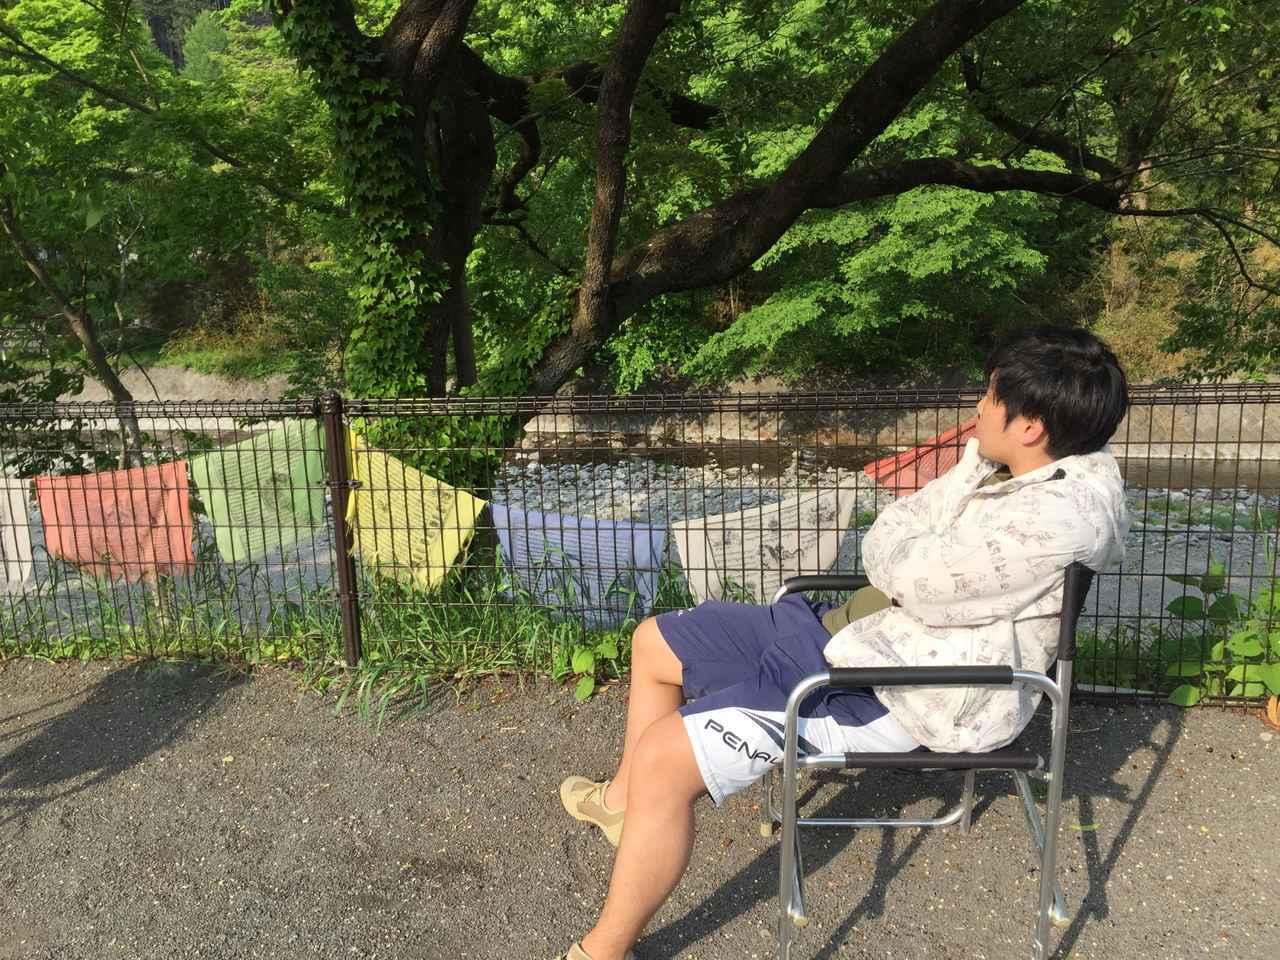 画像: 初心者が挑む『ガチキャンPart 4』 ~感動のフィナーレ!? - ハピキャン(HAPPY CAMPER)